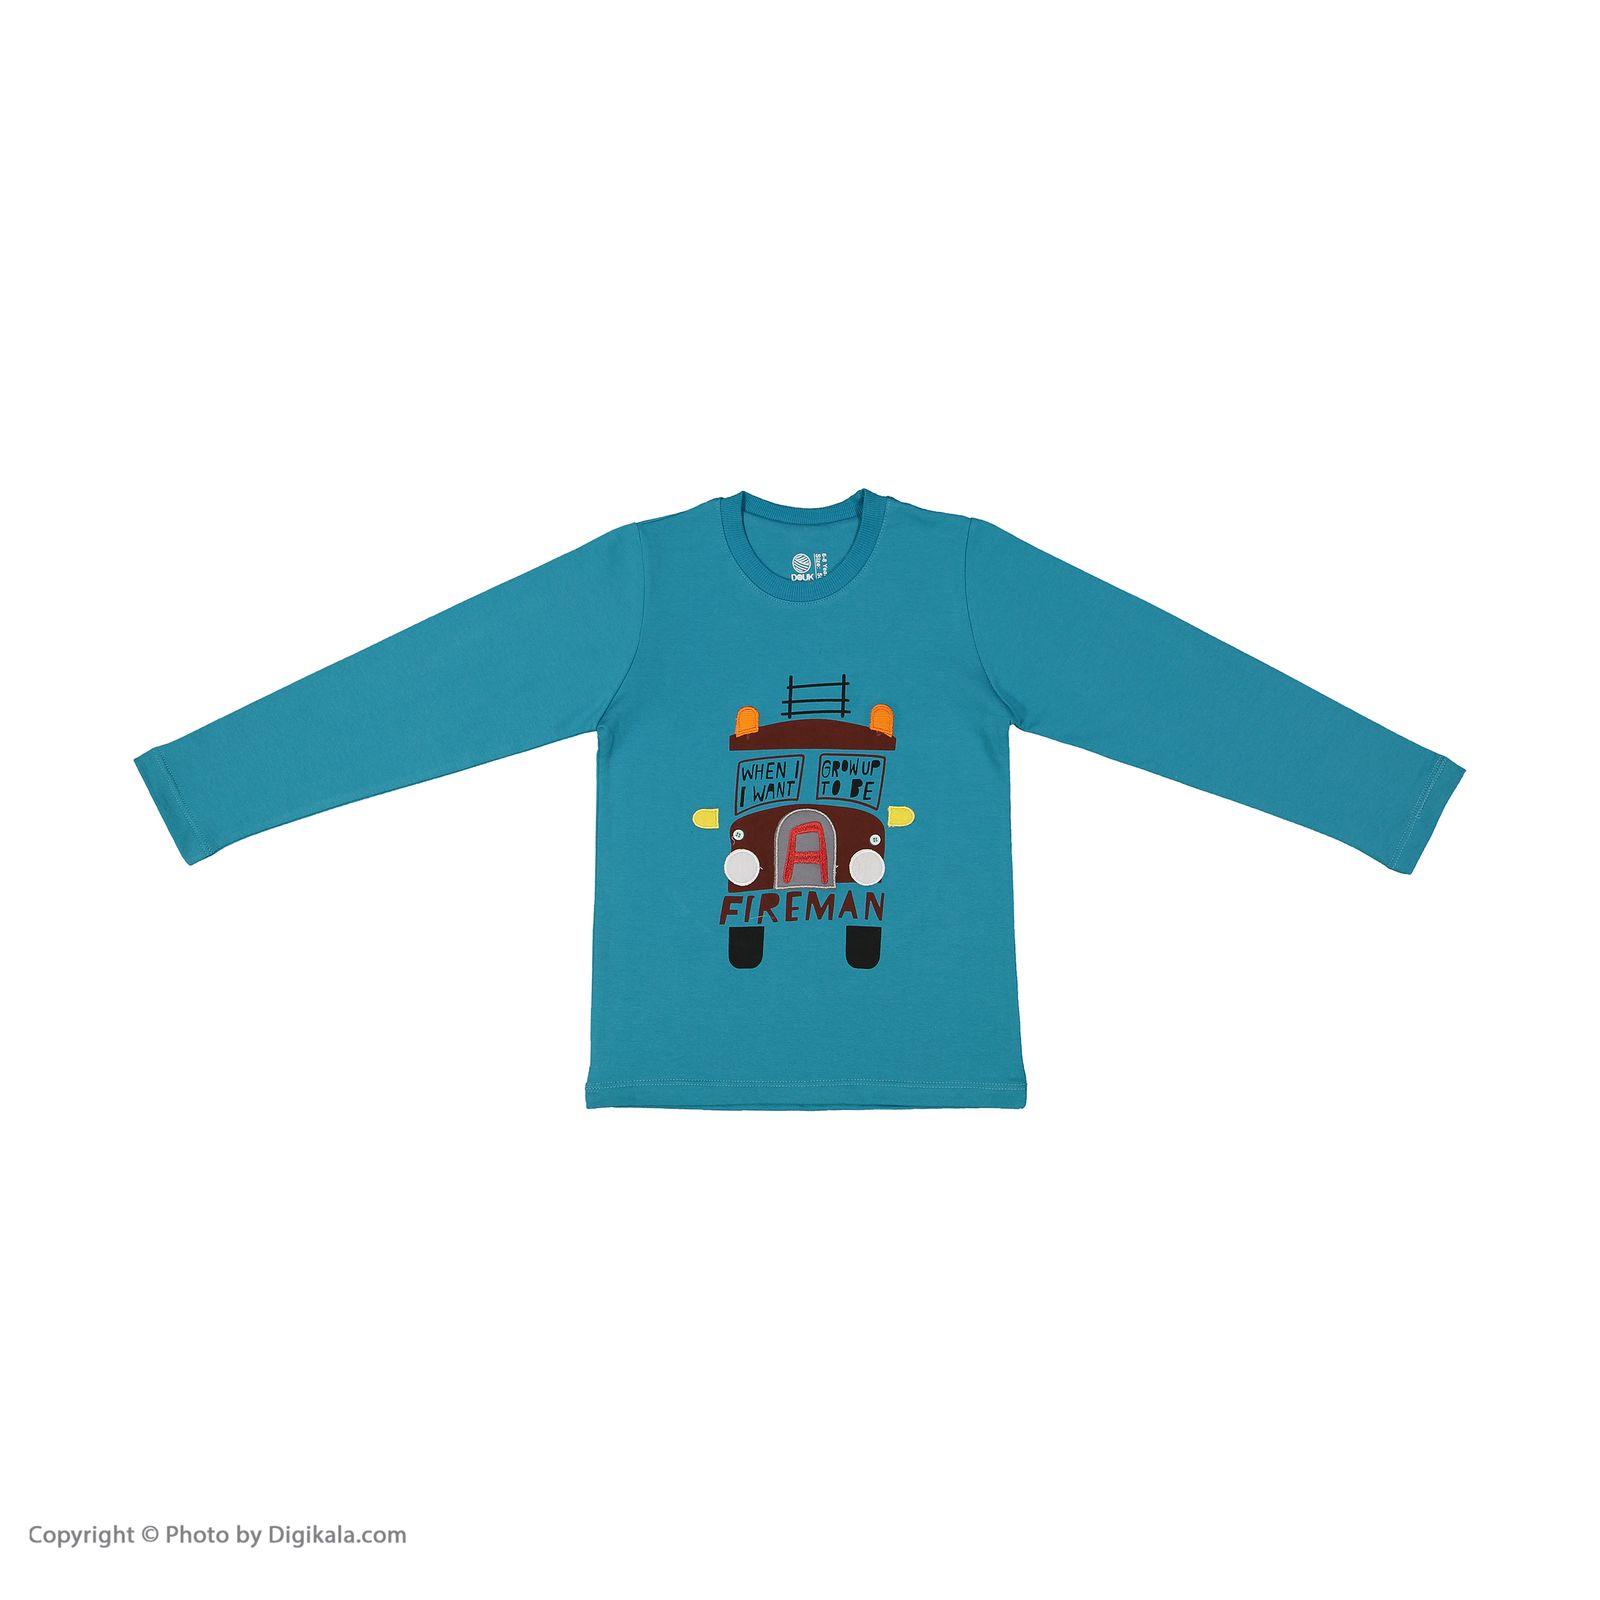 تی شرت پسرانه سون پون مدل 1391363-52 -  - 3